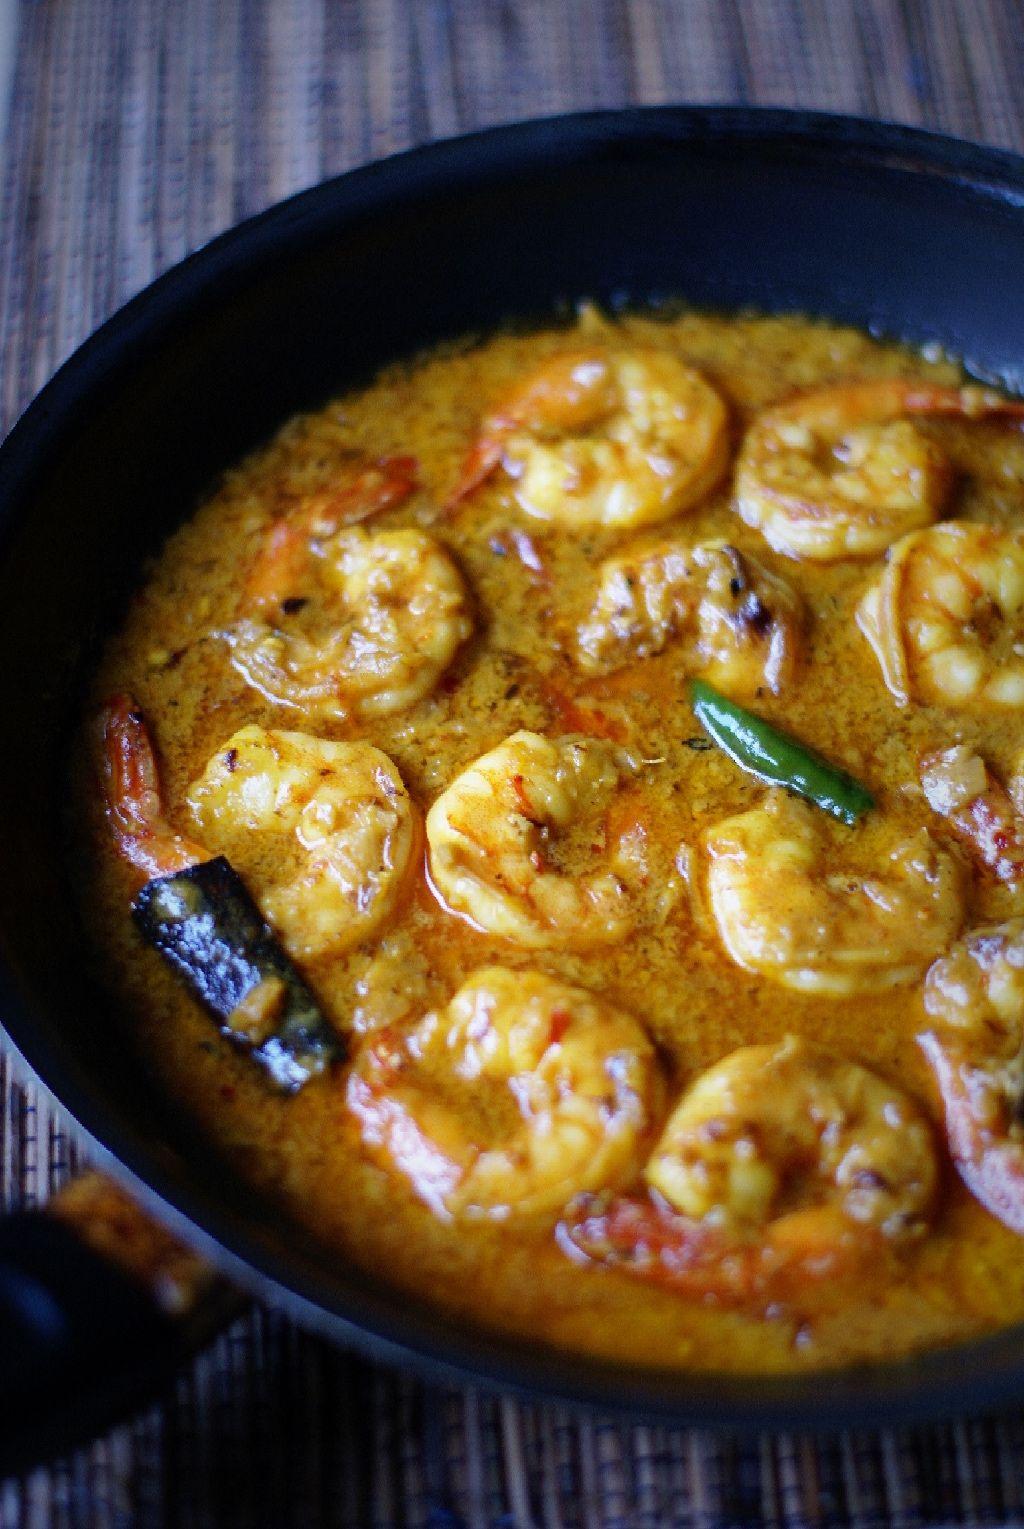 Chingri malai kari bengali king prawn coconut curry monicas chingri malai kari bengali king prawn coconut curry monicas spice diary indian food forumfinder Image collections